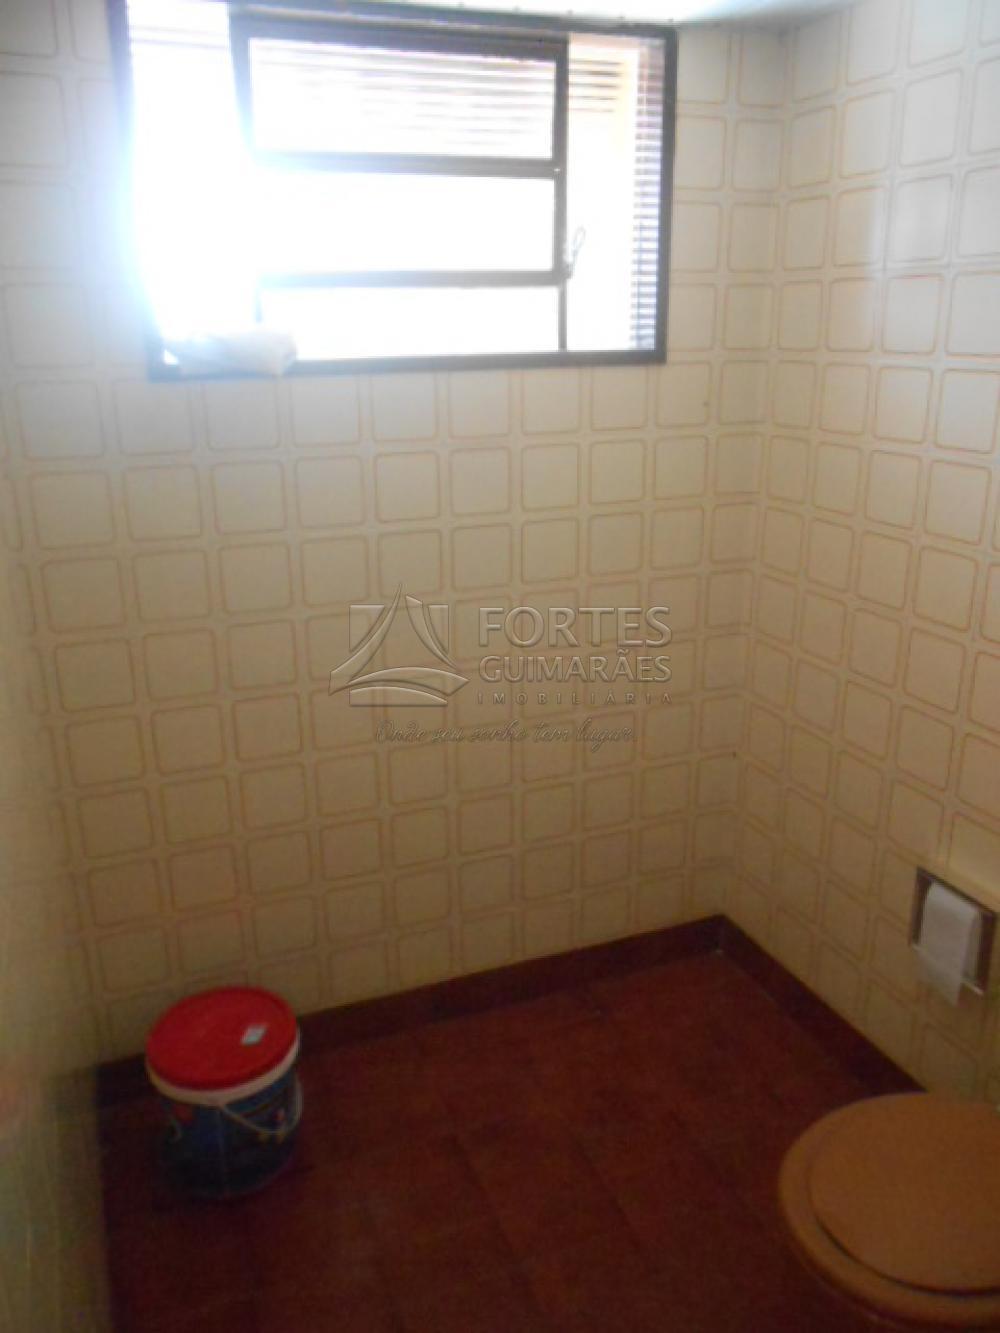 Alugar Casas / Padrão em Ribeirão Preto apenas R$ 2.500,00 - Foto 81